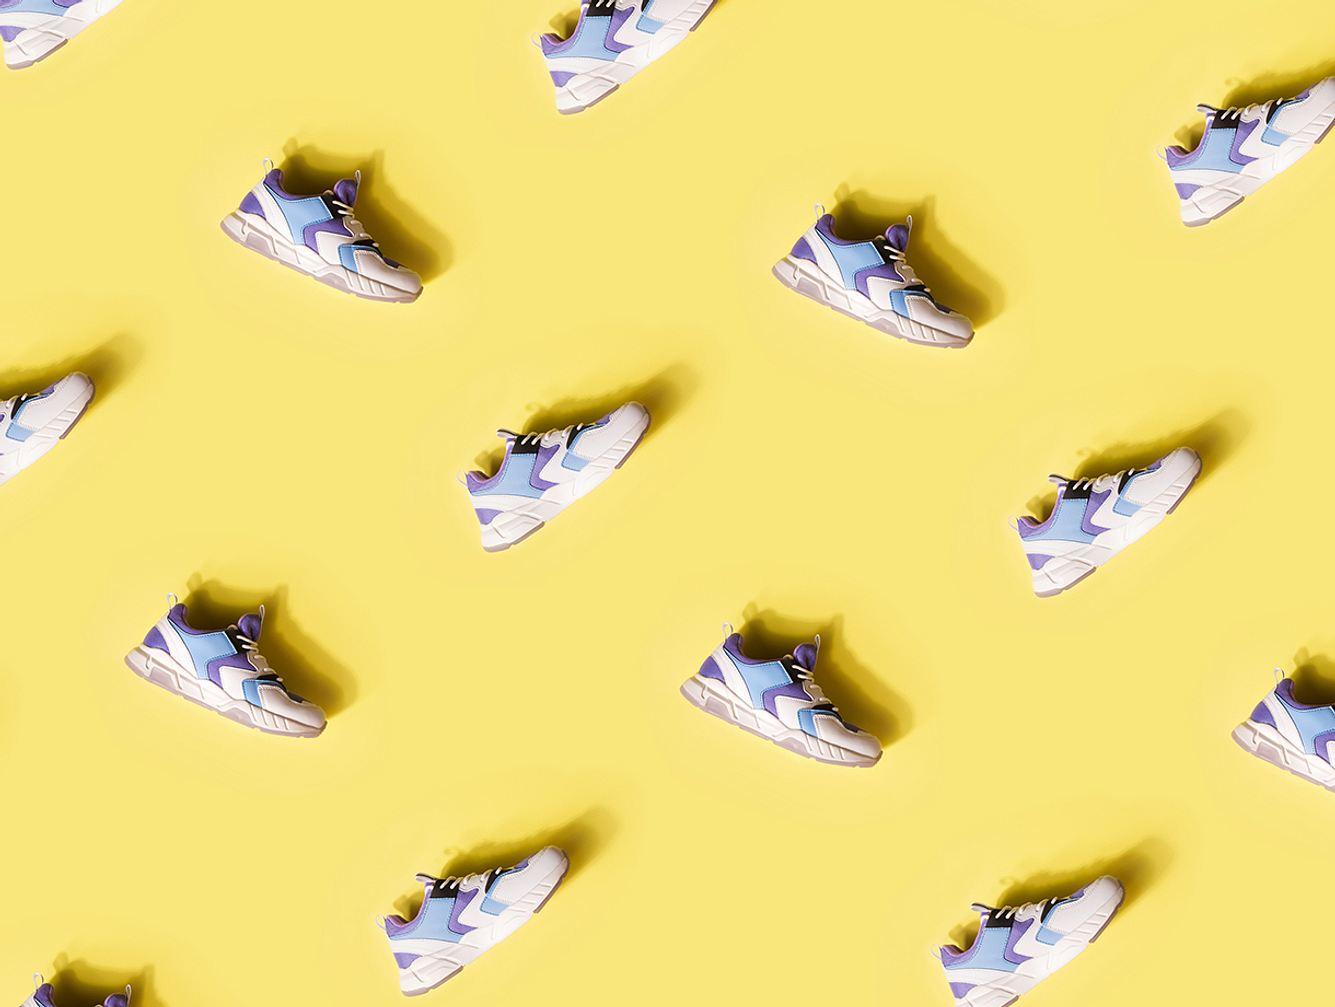 Vegane Sneaker vor einem gelben Hintergrund